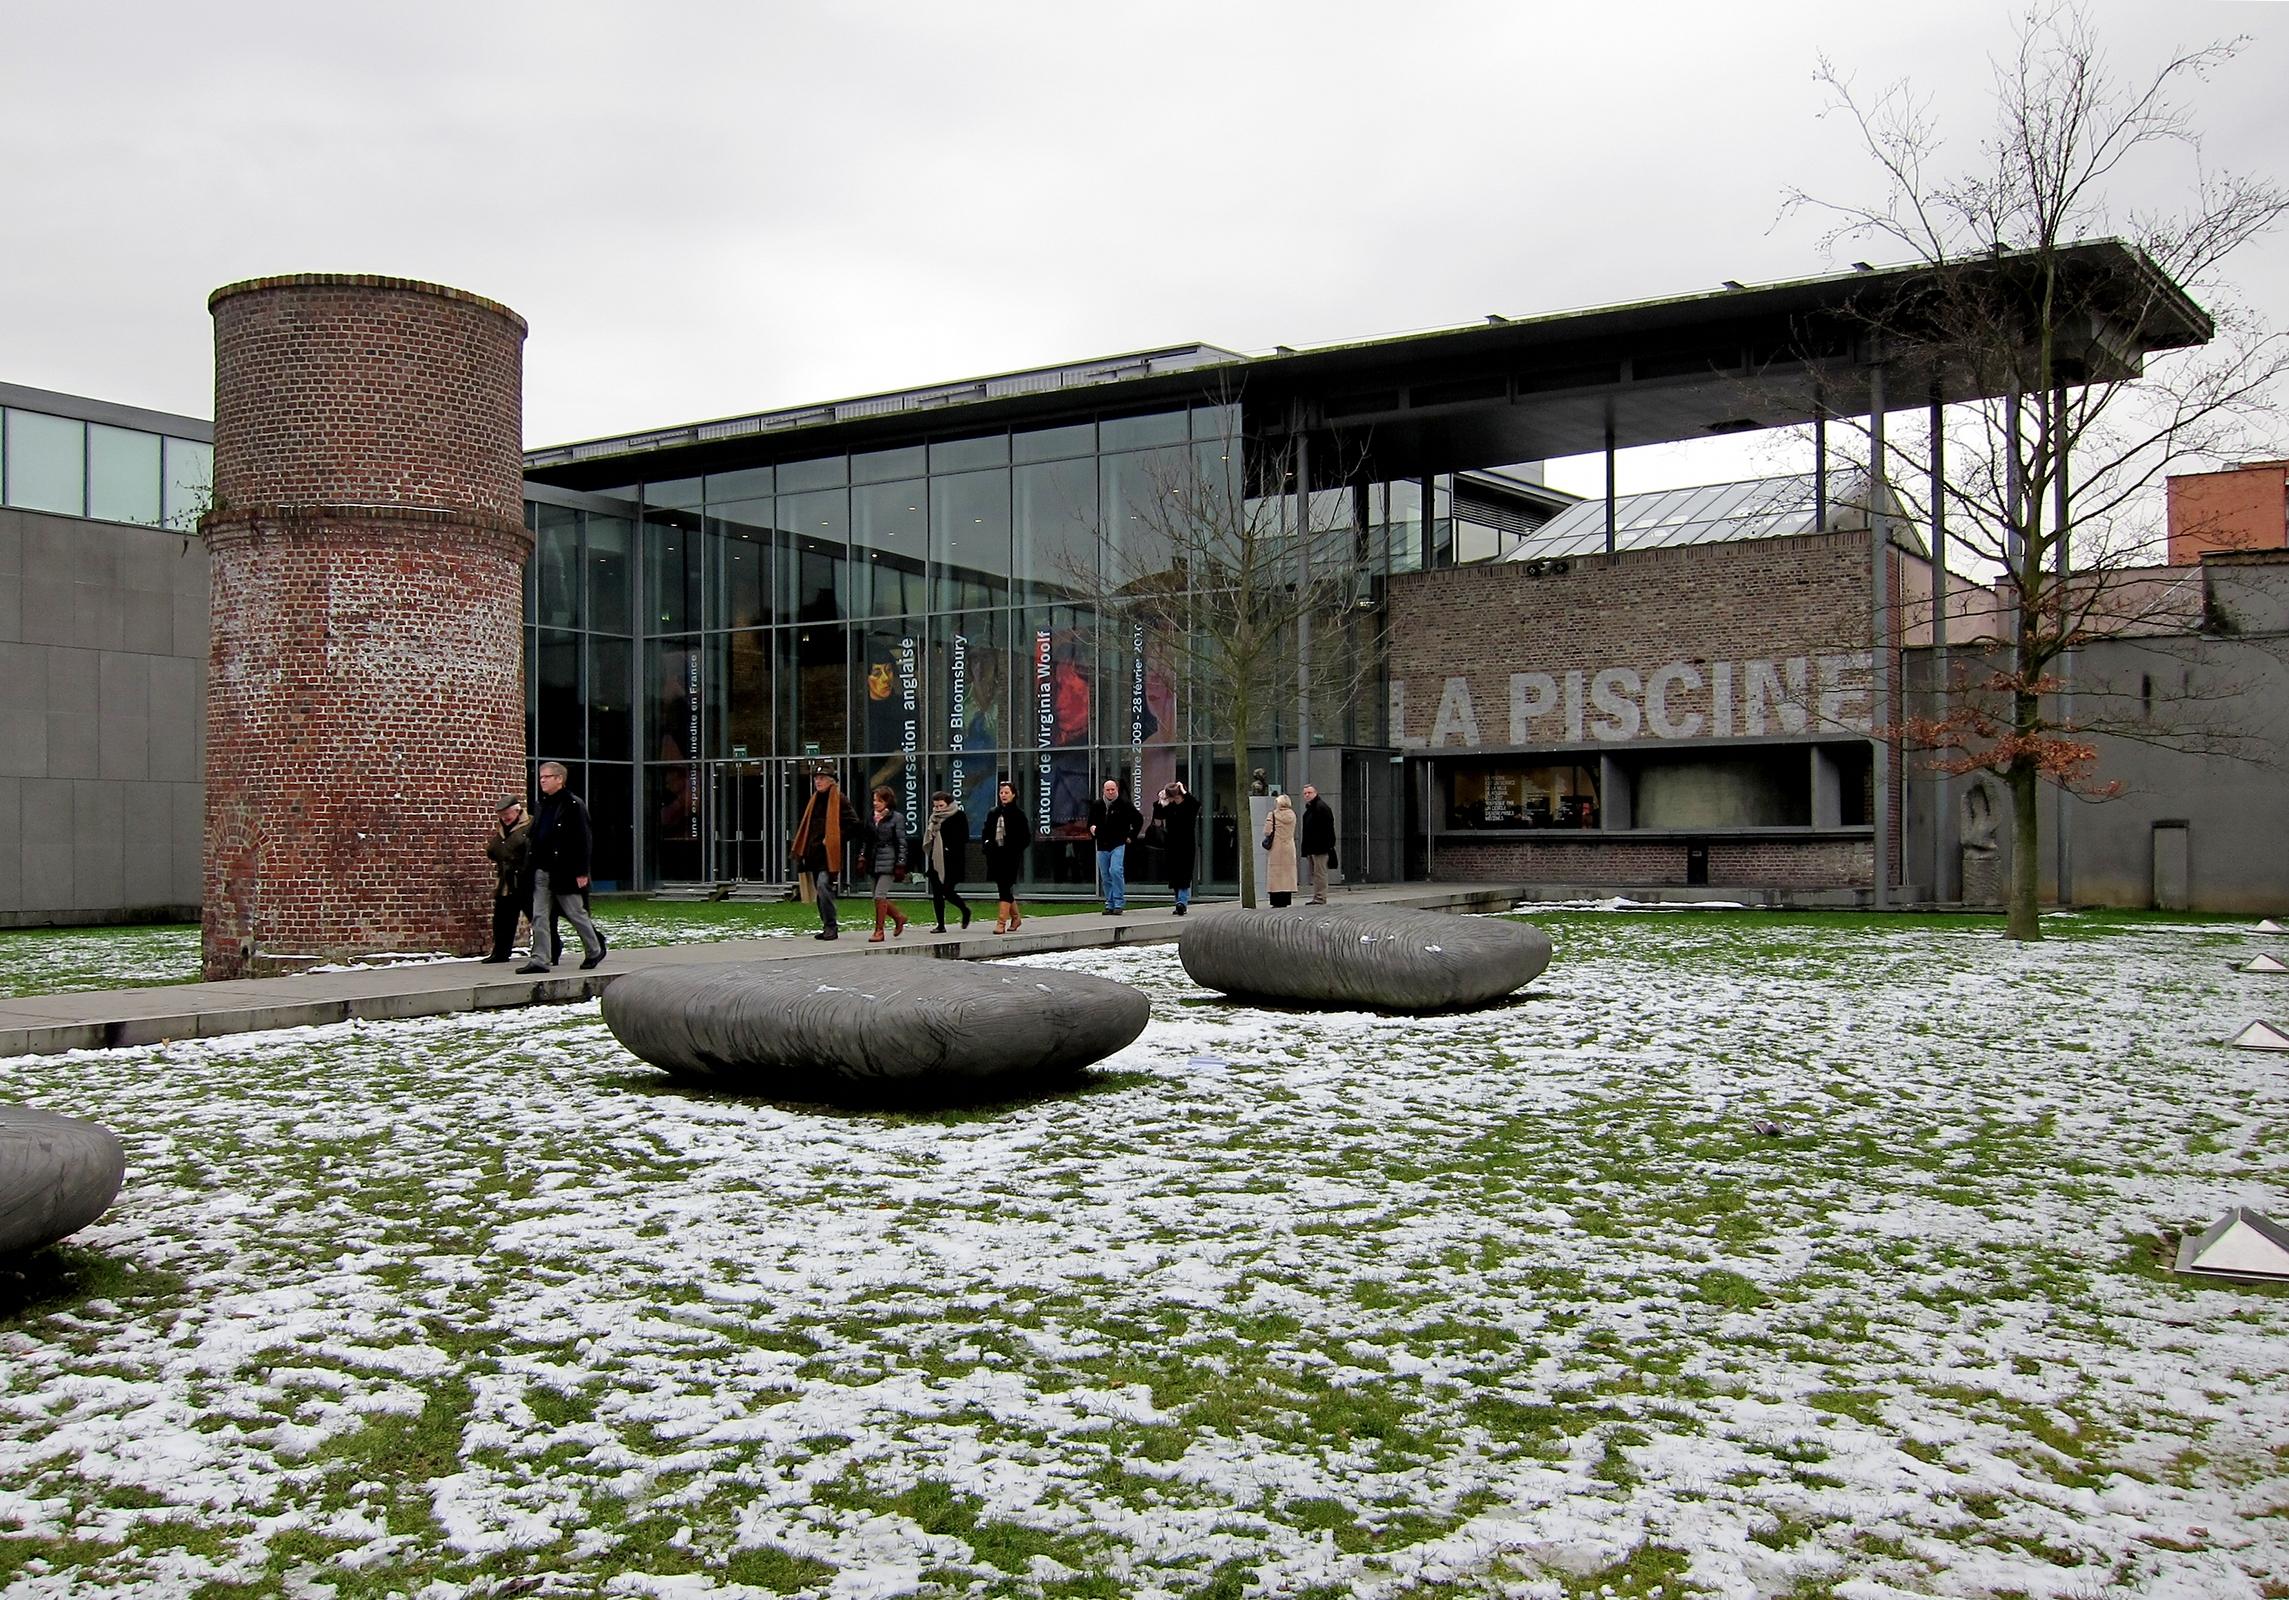 La piscine mus e d 39 art et d 39 industrie - Musee la piscine roubaix ...